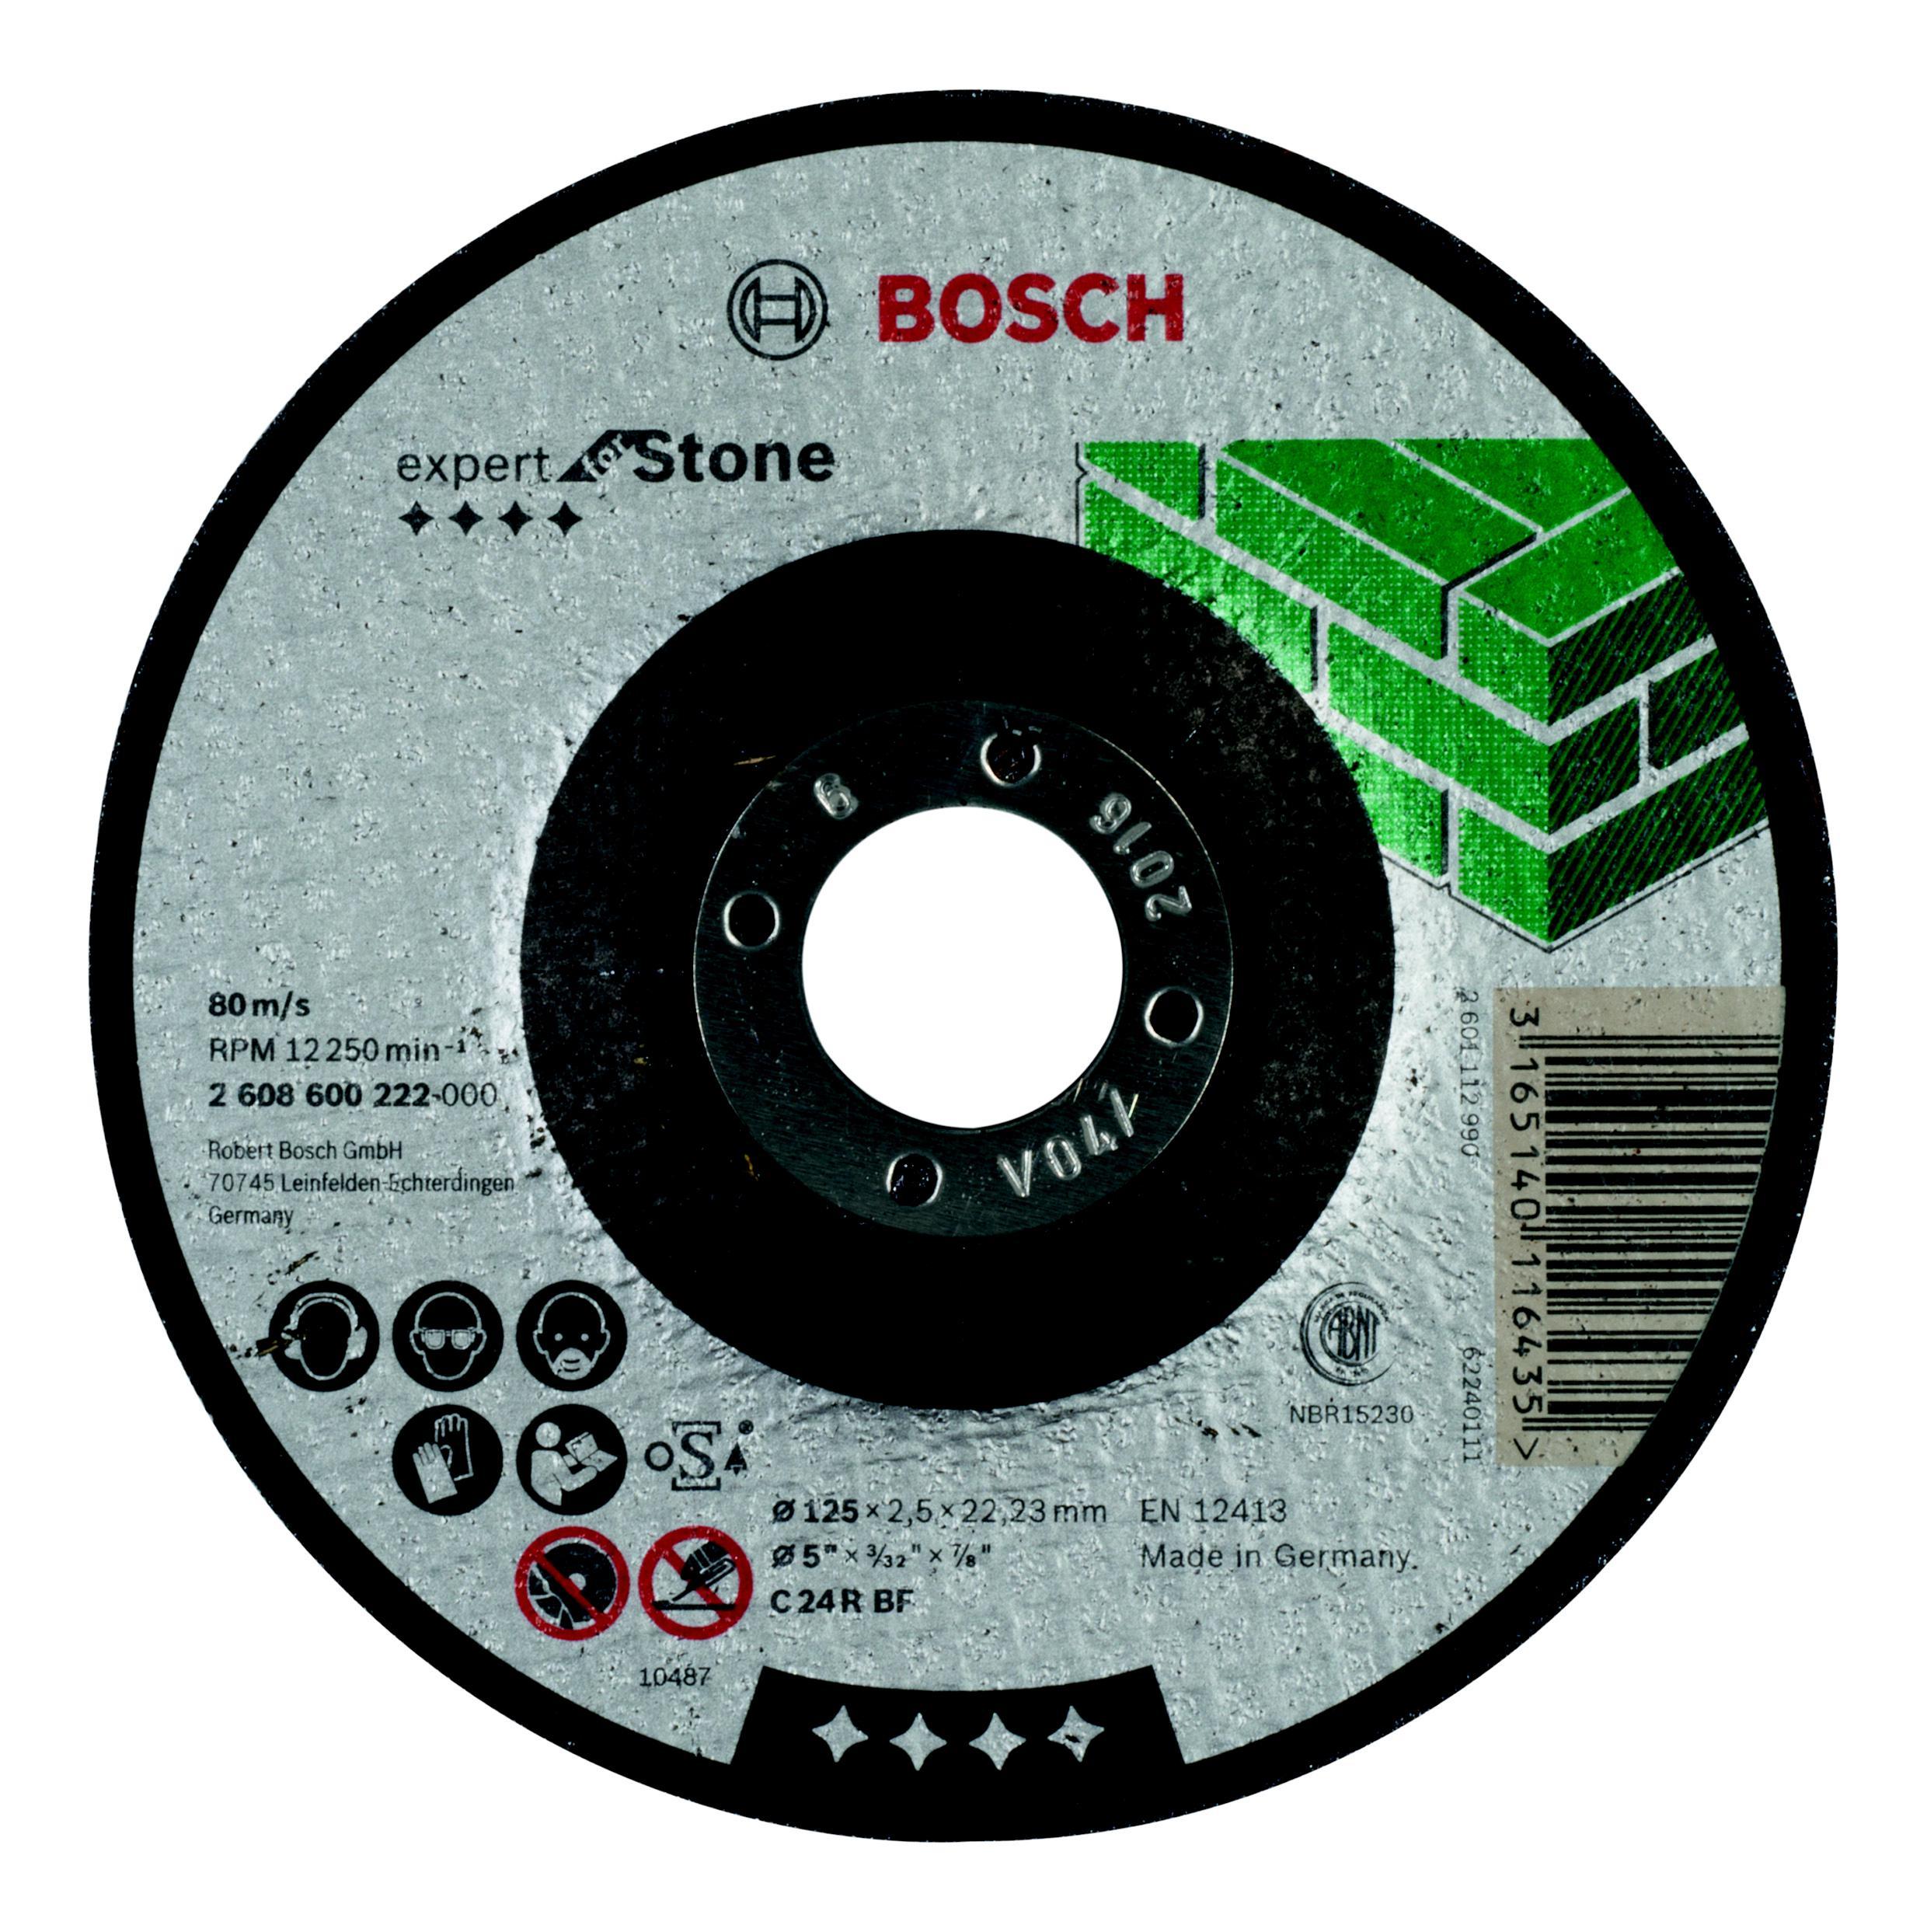 Круг отрезной Bosch 180х3х22 expert for stone (2.608.600.317) круг отрезной bosch bosch 3 in 1 115x2 5x22 по нерж 2 608 602 388